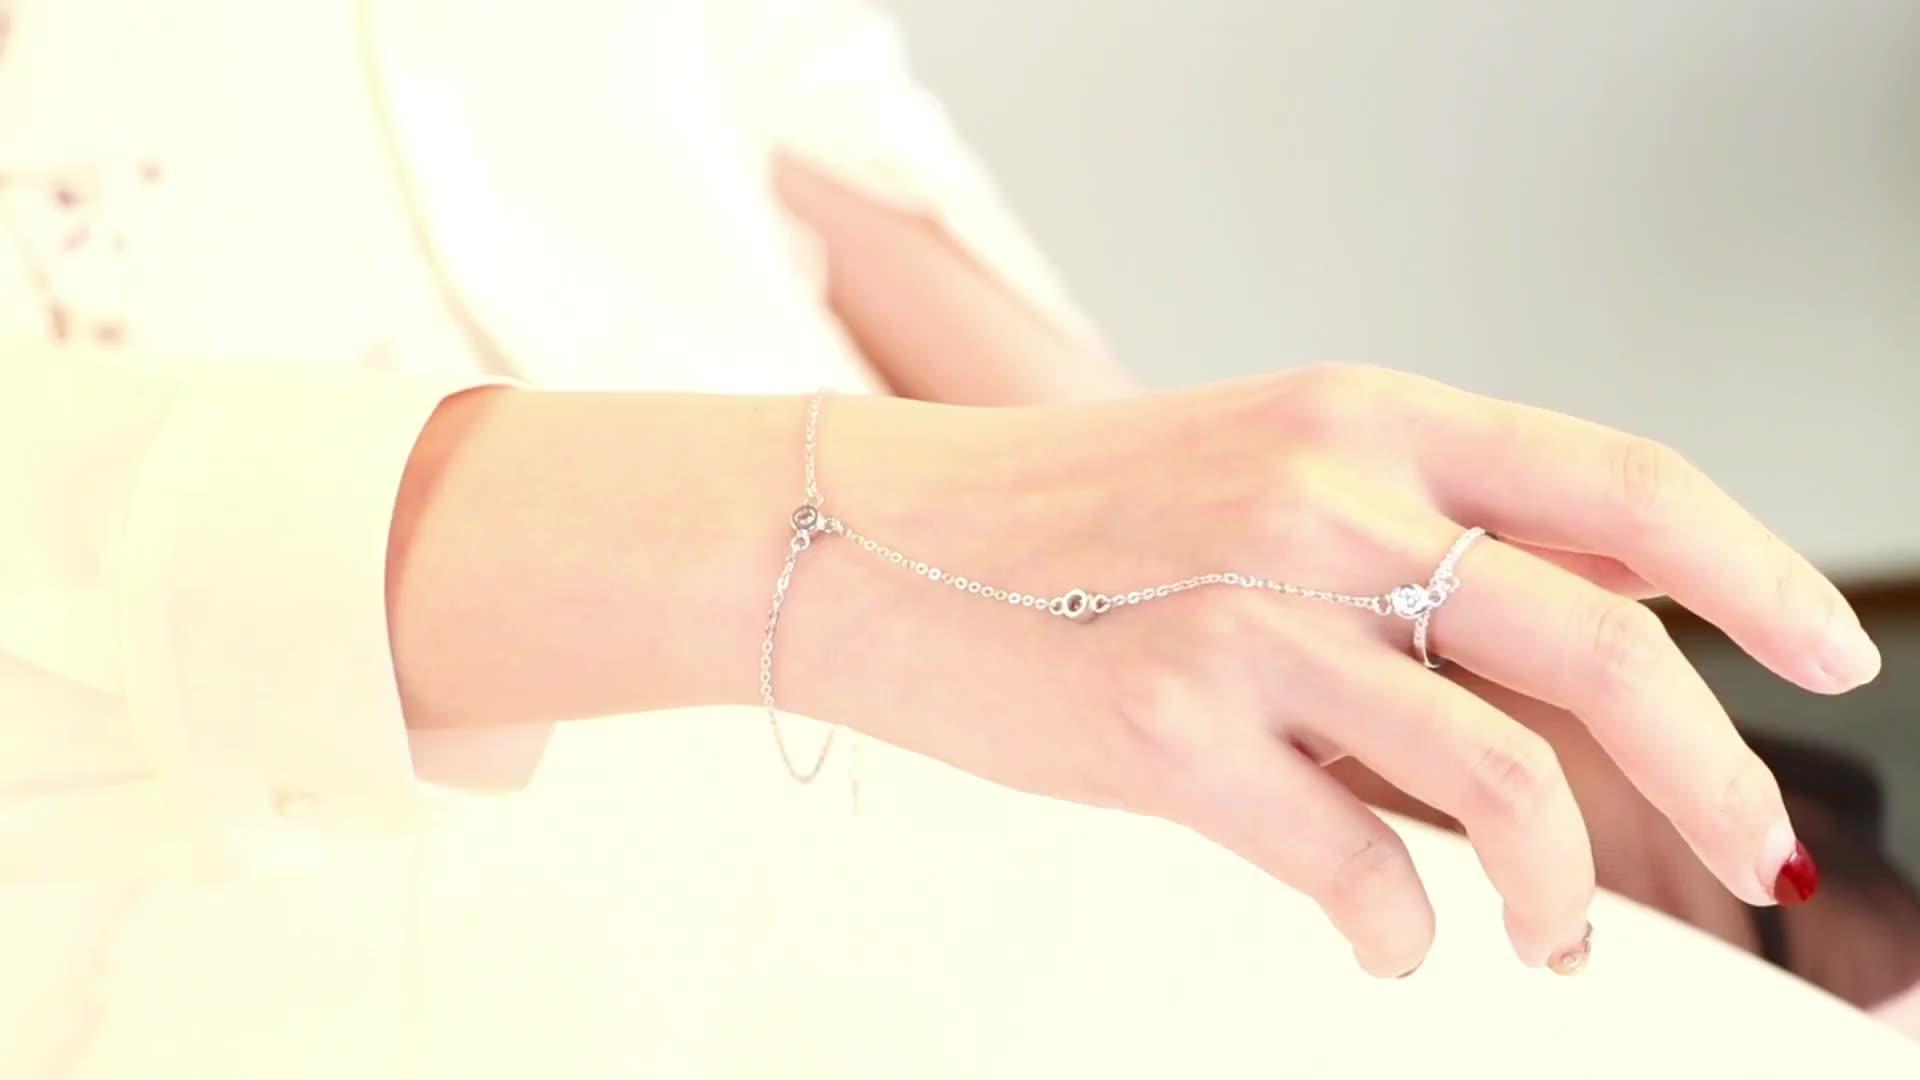 แหวนสร้อยข้อมือสร้อยข้อมือเครื่องประดับสำหรับผู้หญิงและสาววัยรุ่นที่ดีที่สุดของขวัญเพื่อน